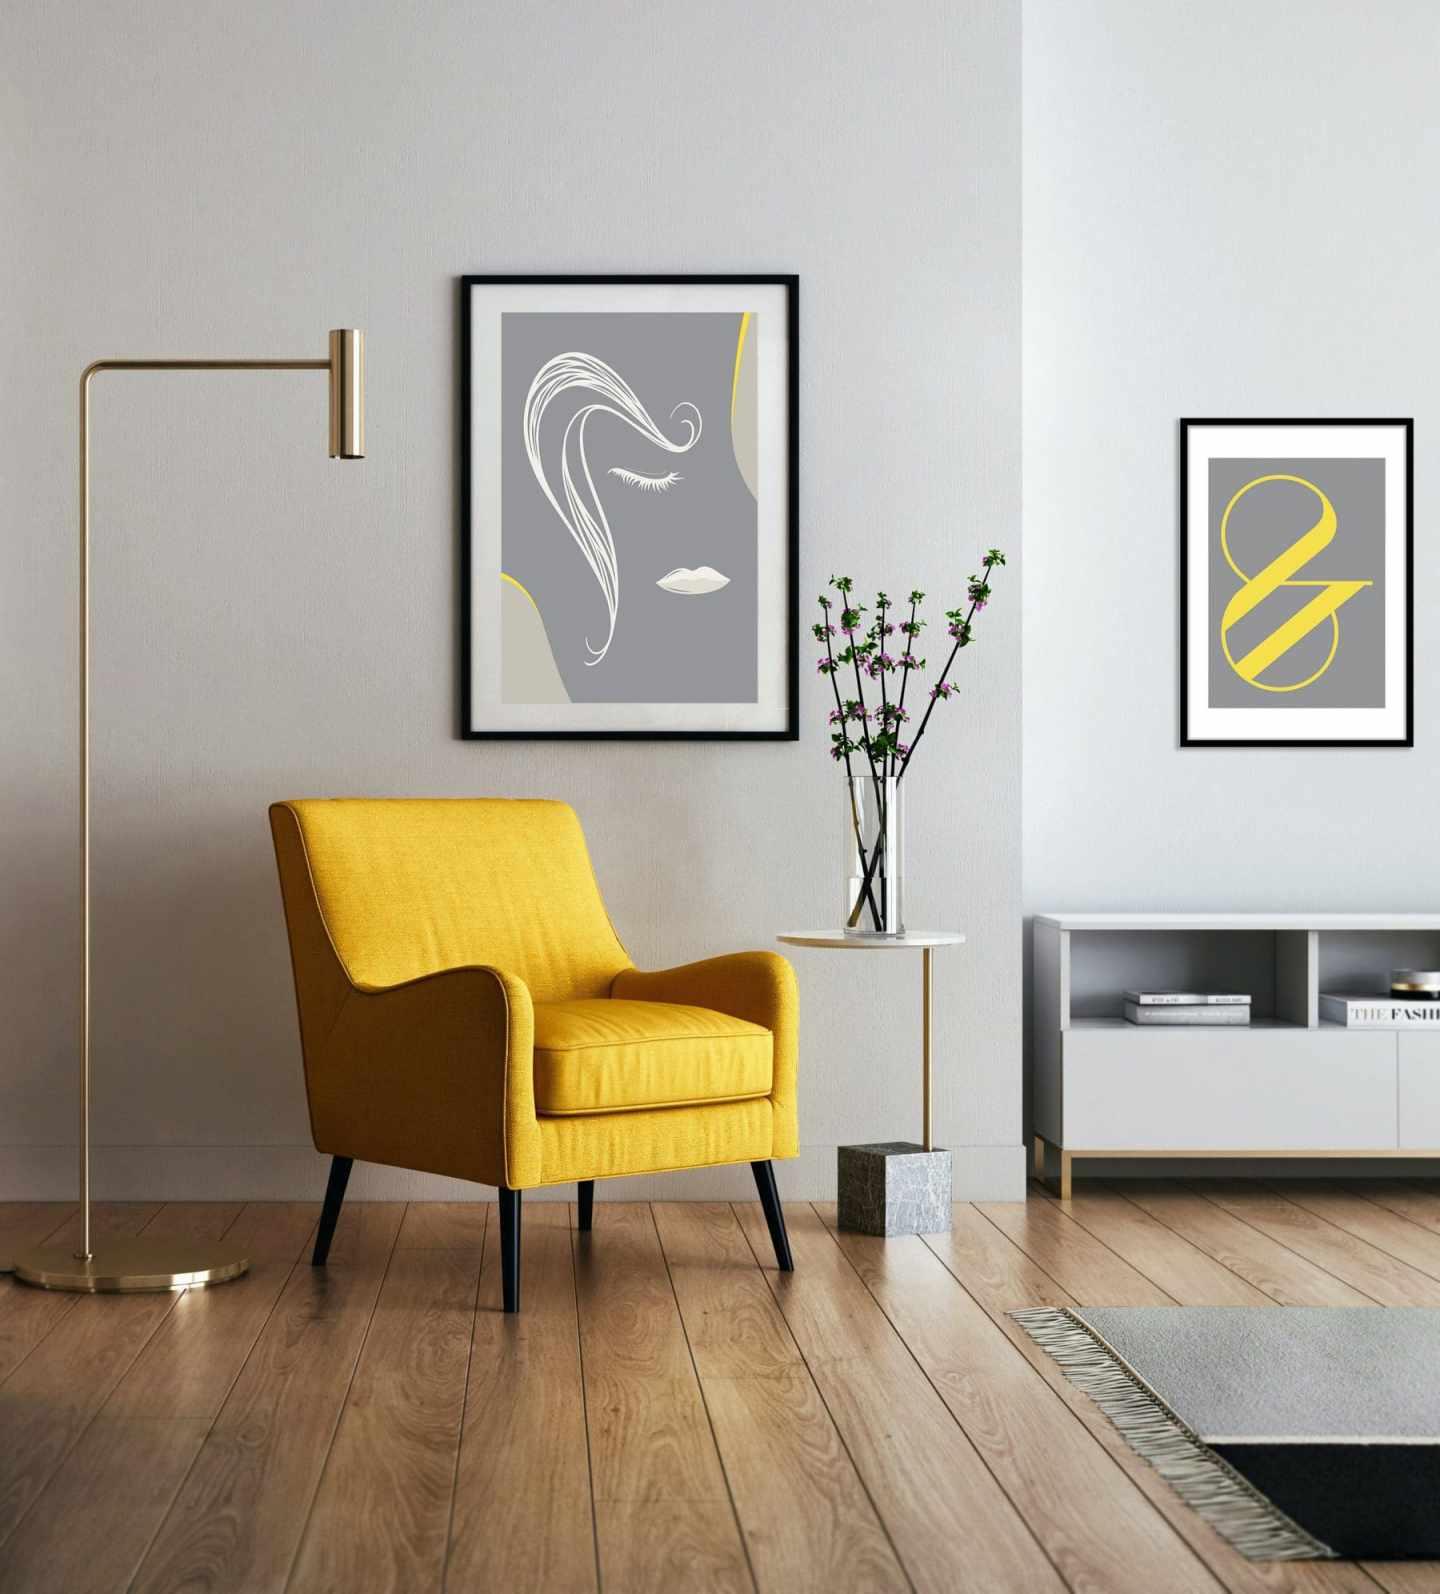 gri, sarı bir sıçrama ile yazdırır.  oturma odasında parlak sarı koltuk